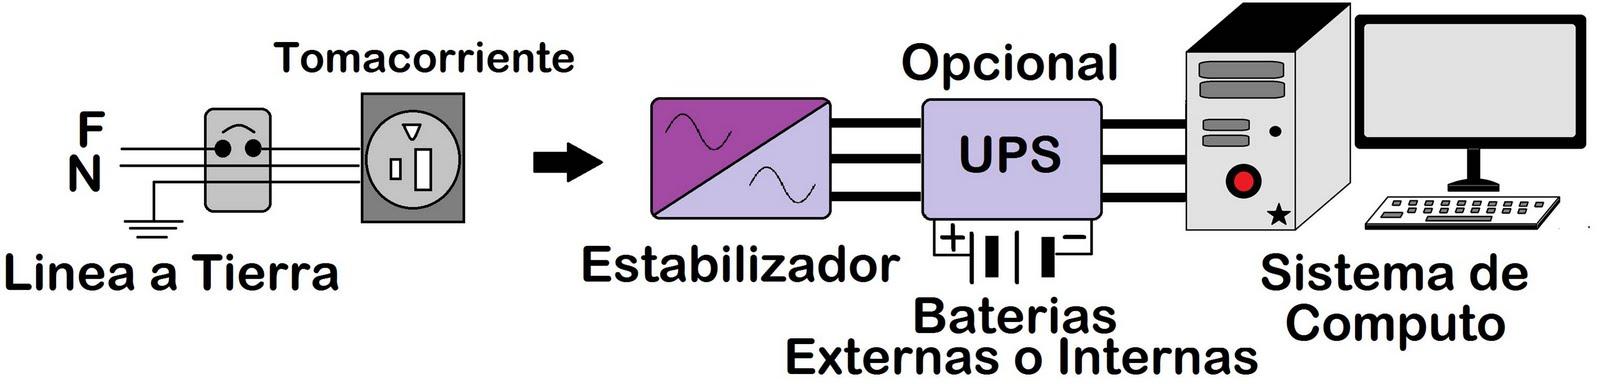 Circuito Ups : Redes informaticas revisión del sistema eléctrico